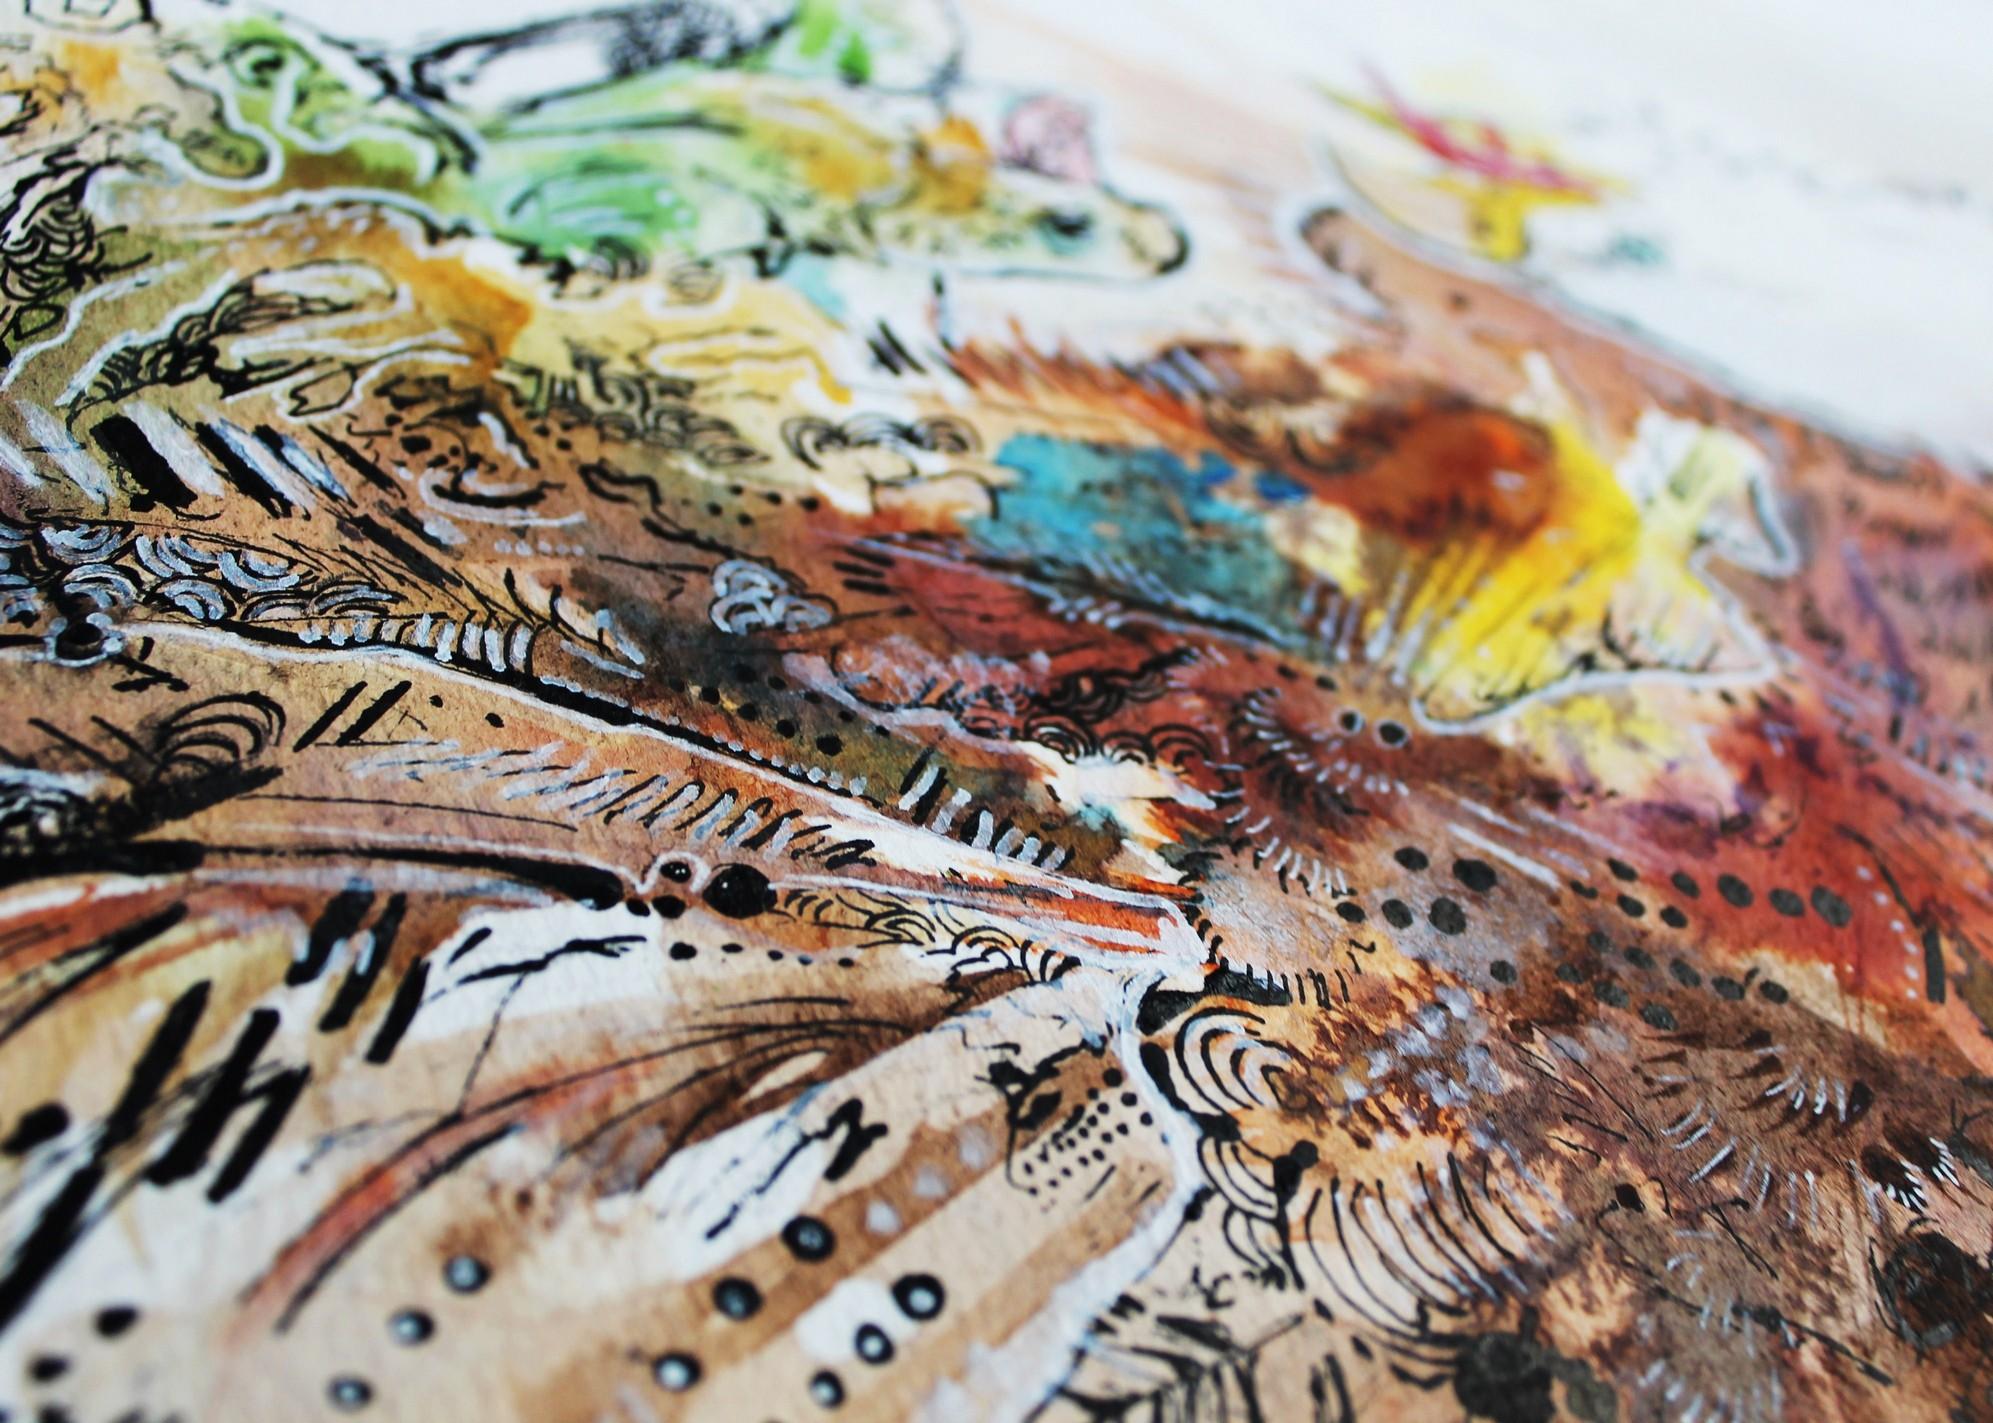 tortoise-eagle-detail2.jpg.JPG